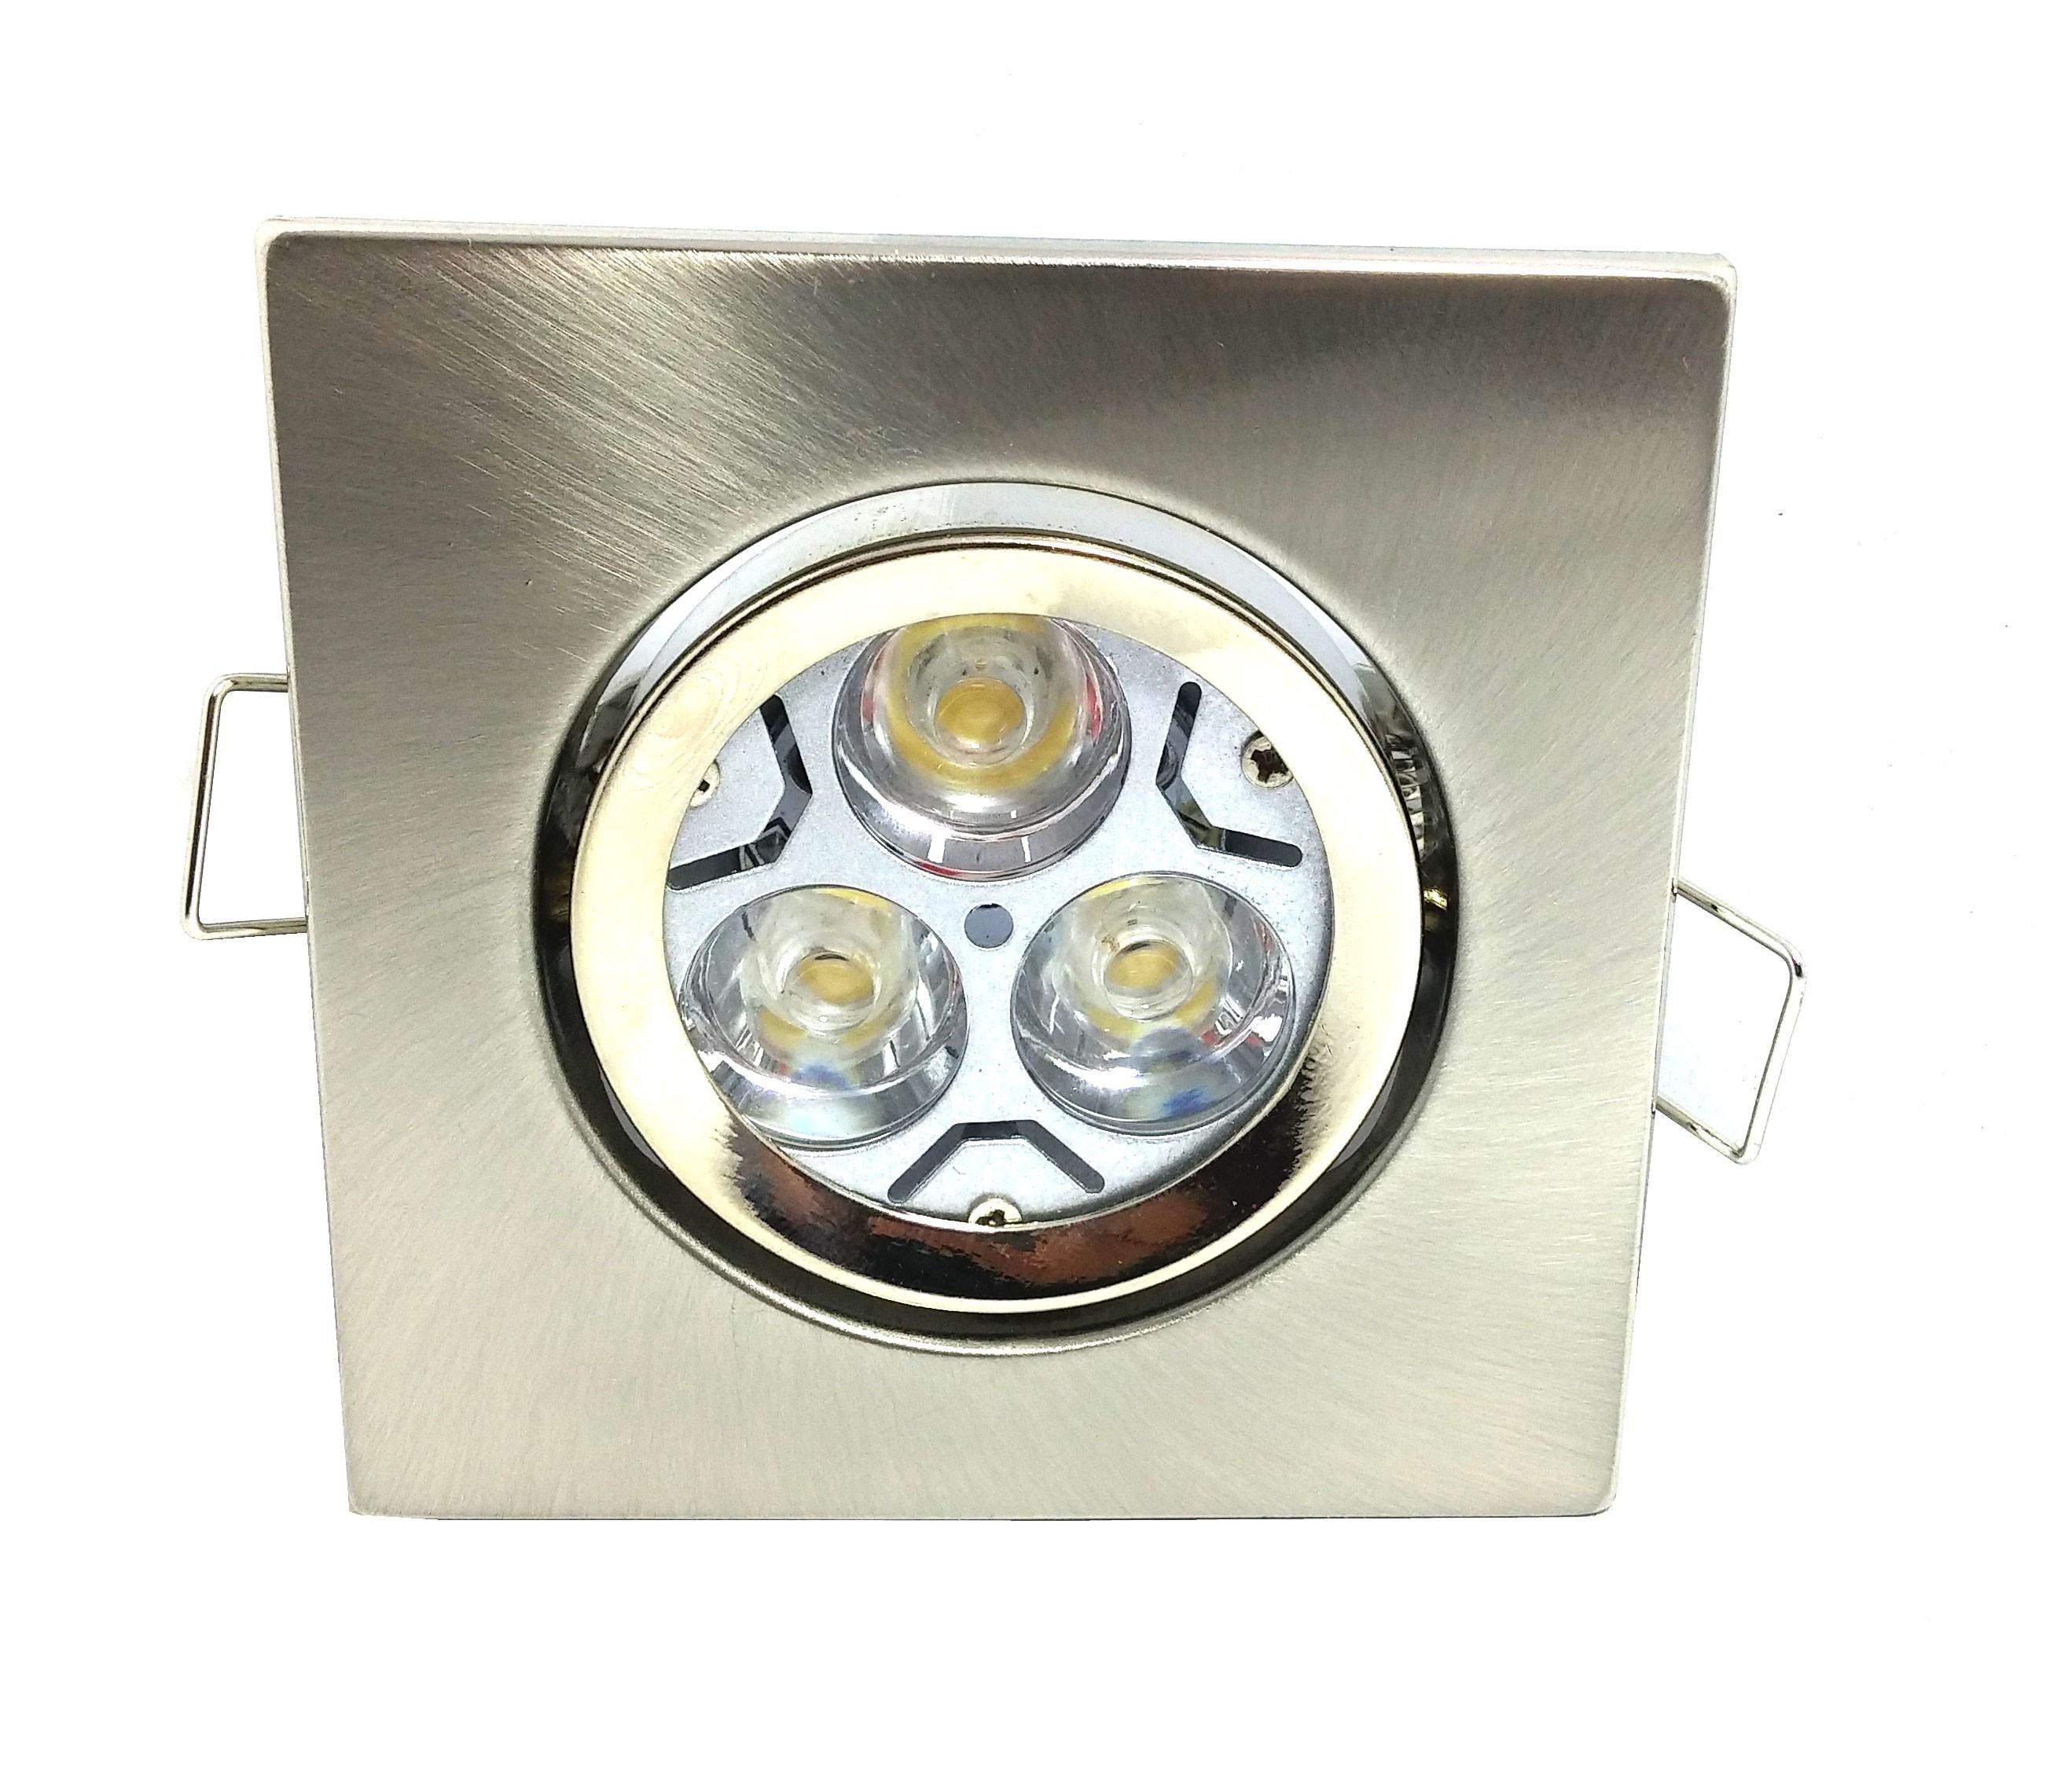 Conjunto Spot Quadrado Níquel ferro Basculante com Soquete GU10 + Lâmpada 3 POWER LEDs BIVOLT GU10 3W